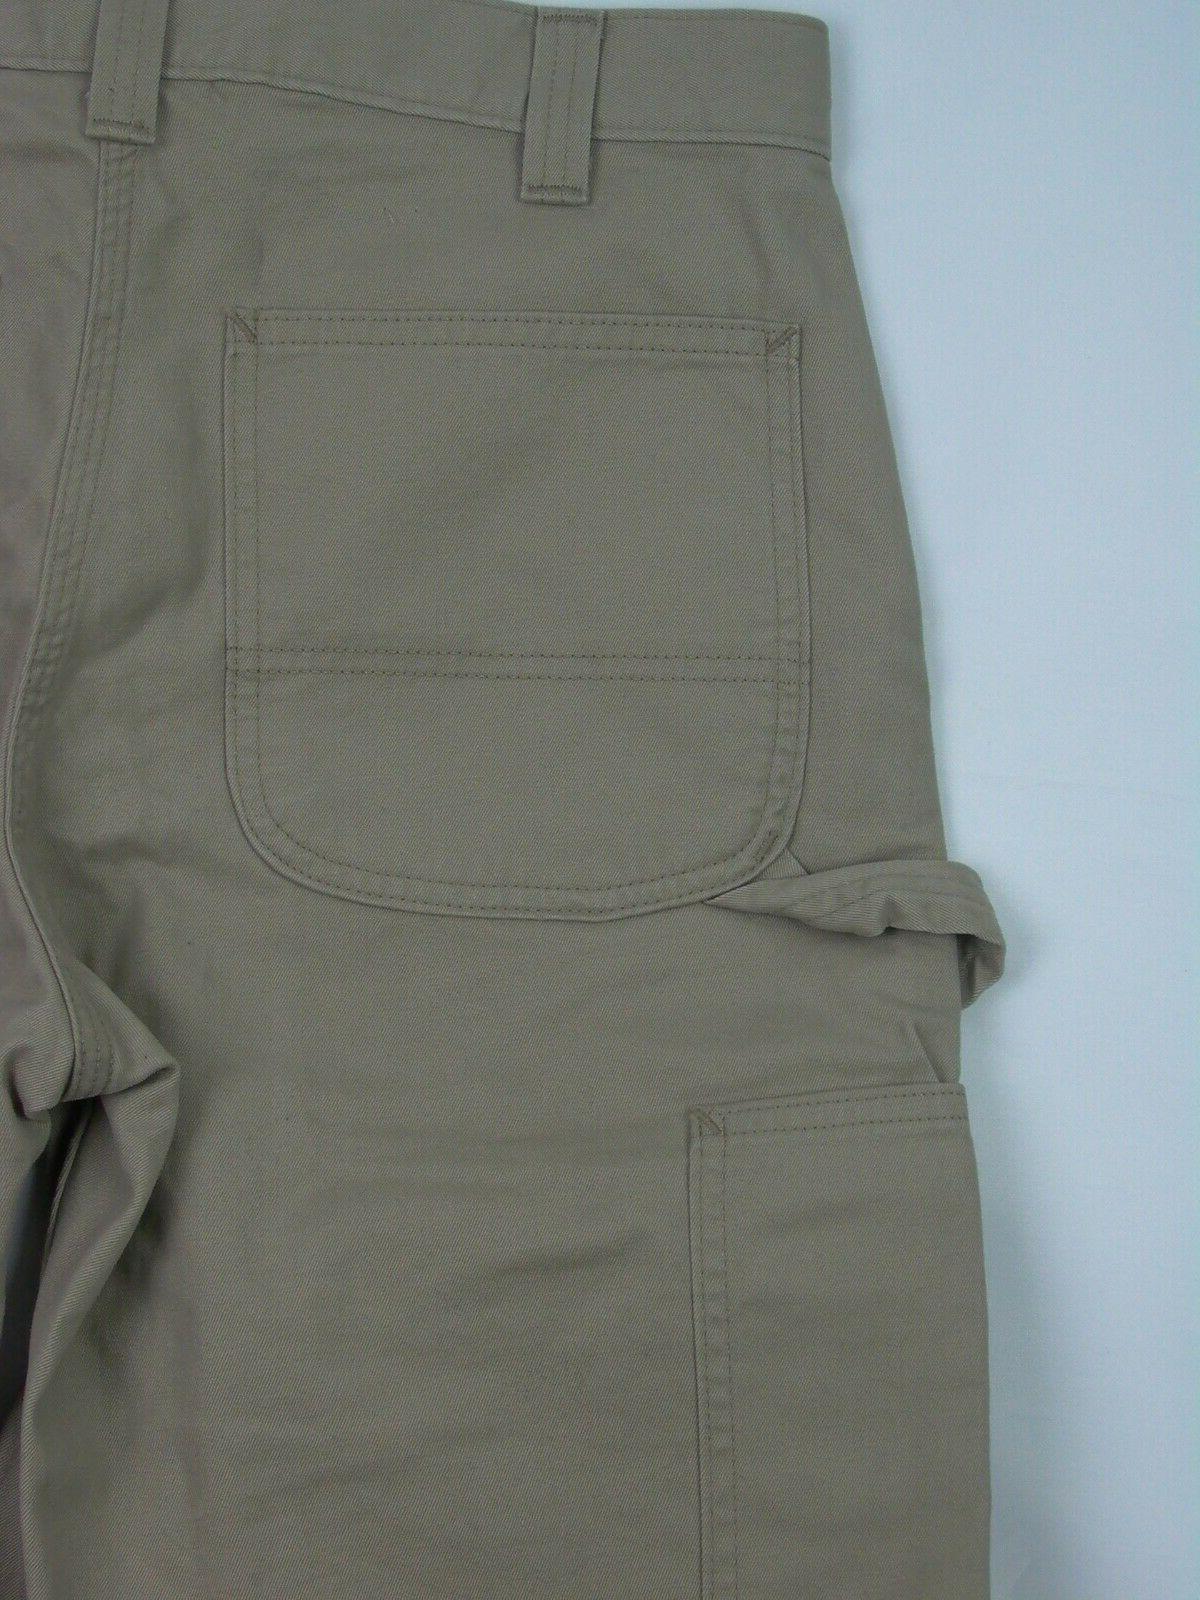 New Carhartt Fit Twill x Cargo Pants